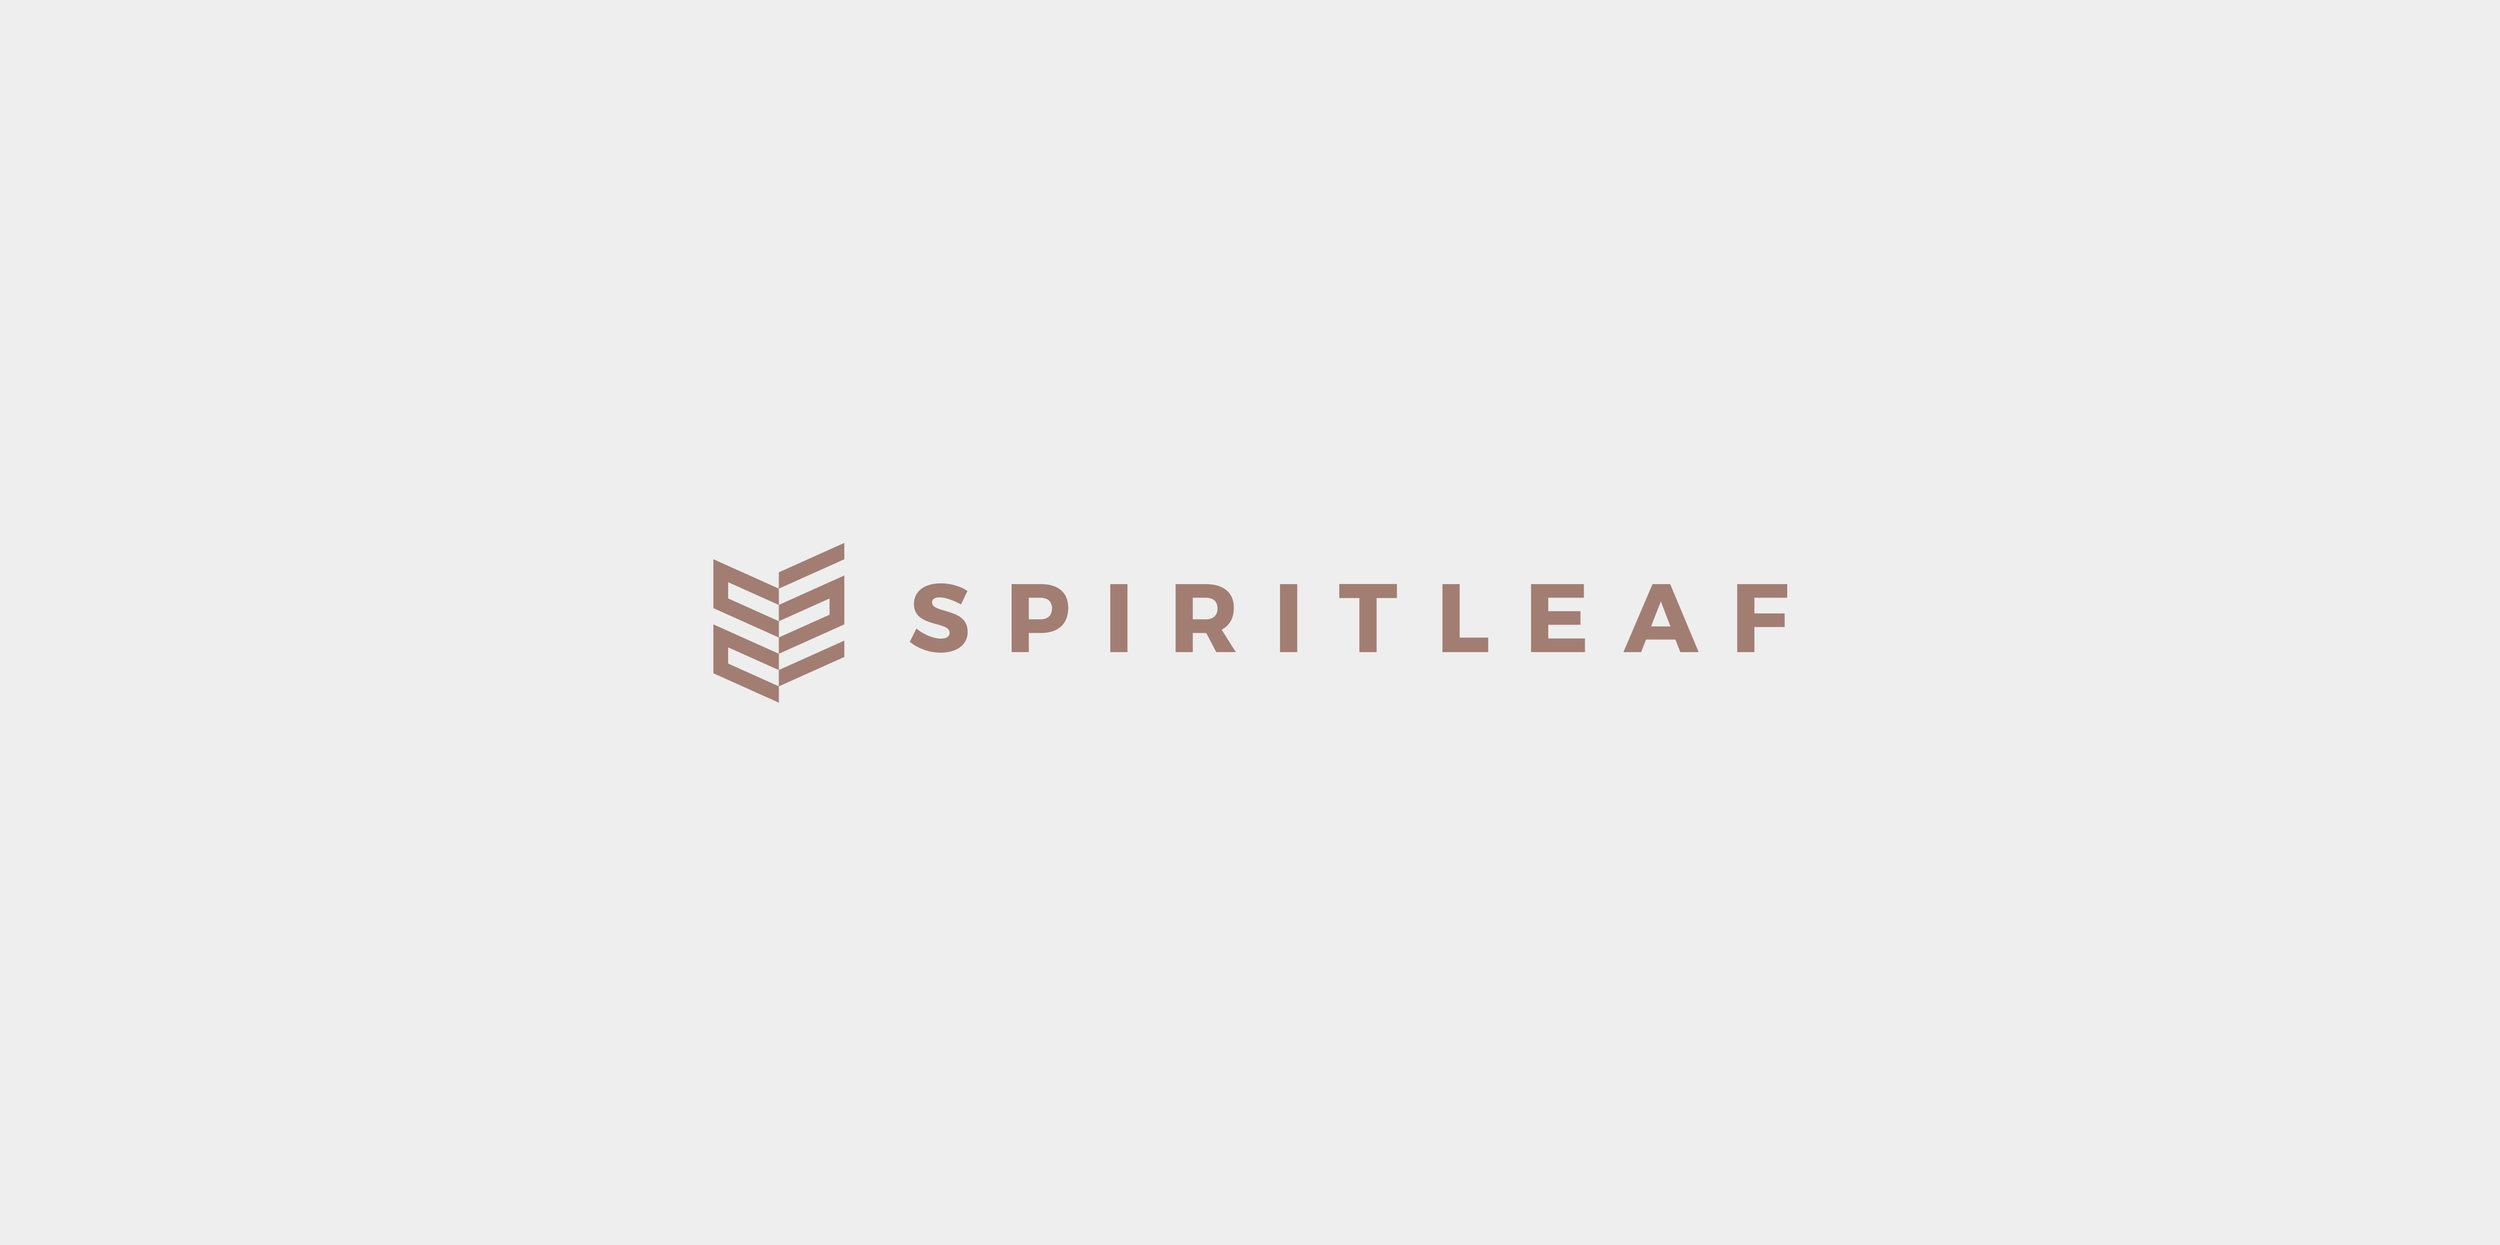 Spiritleaf.jpg